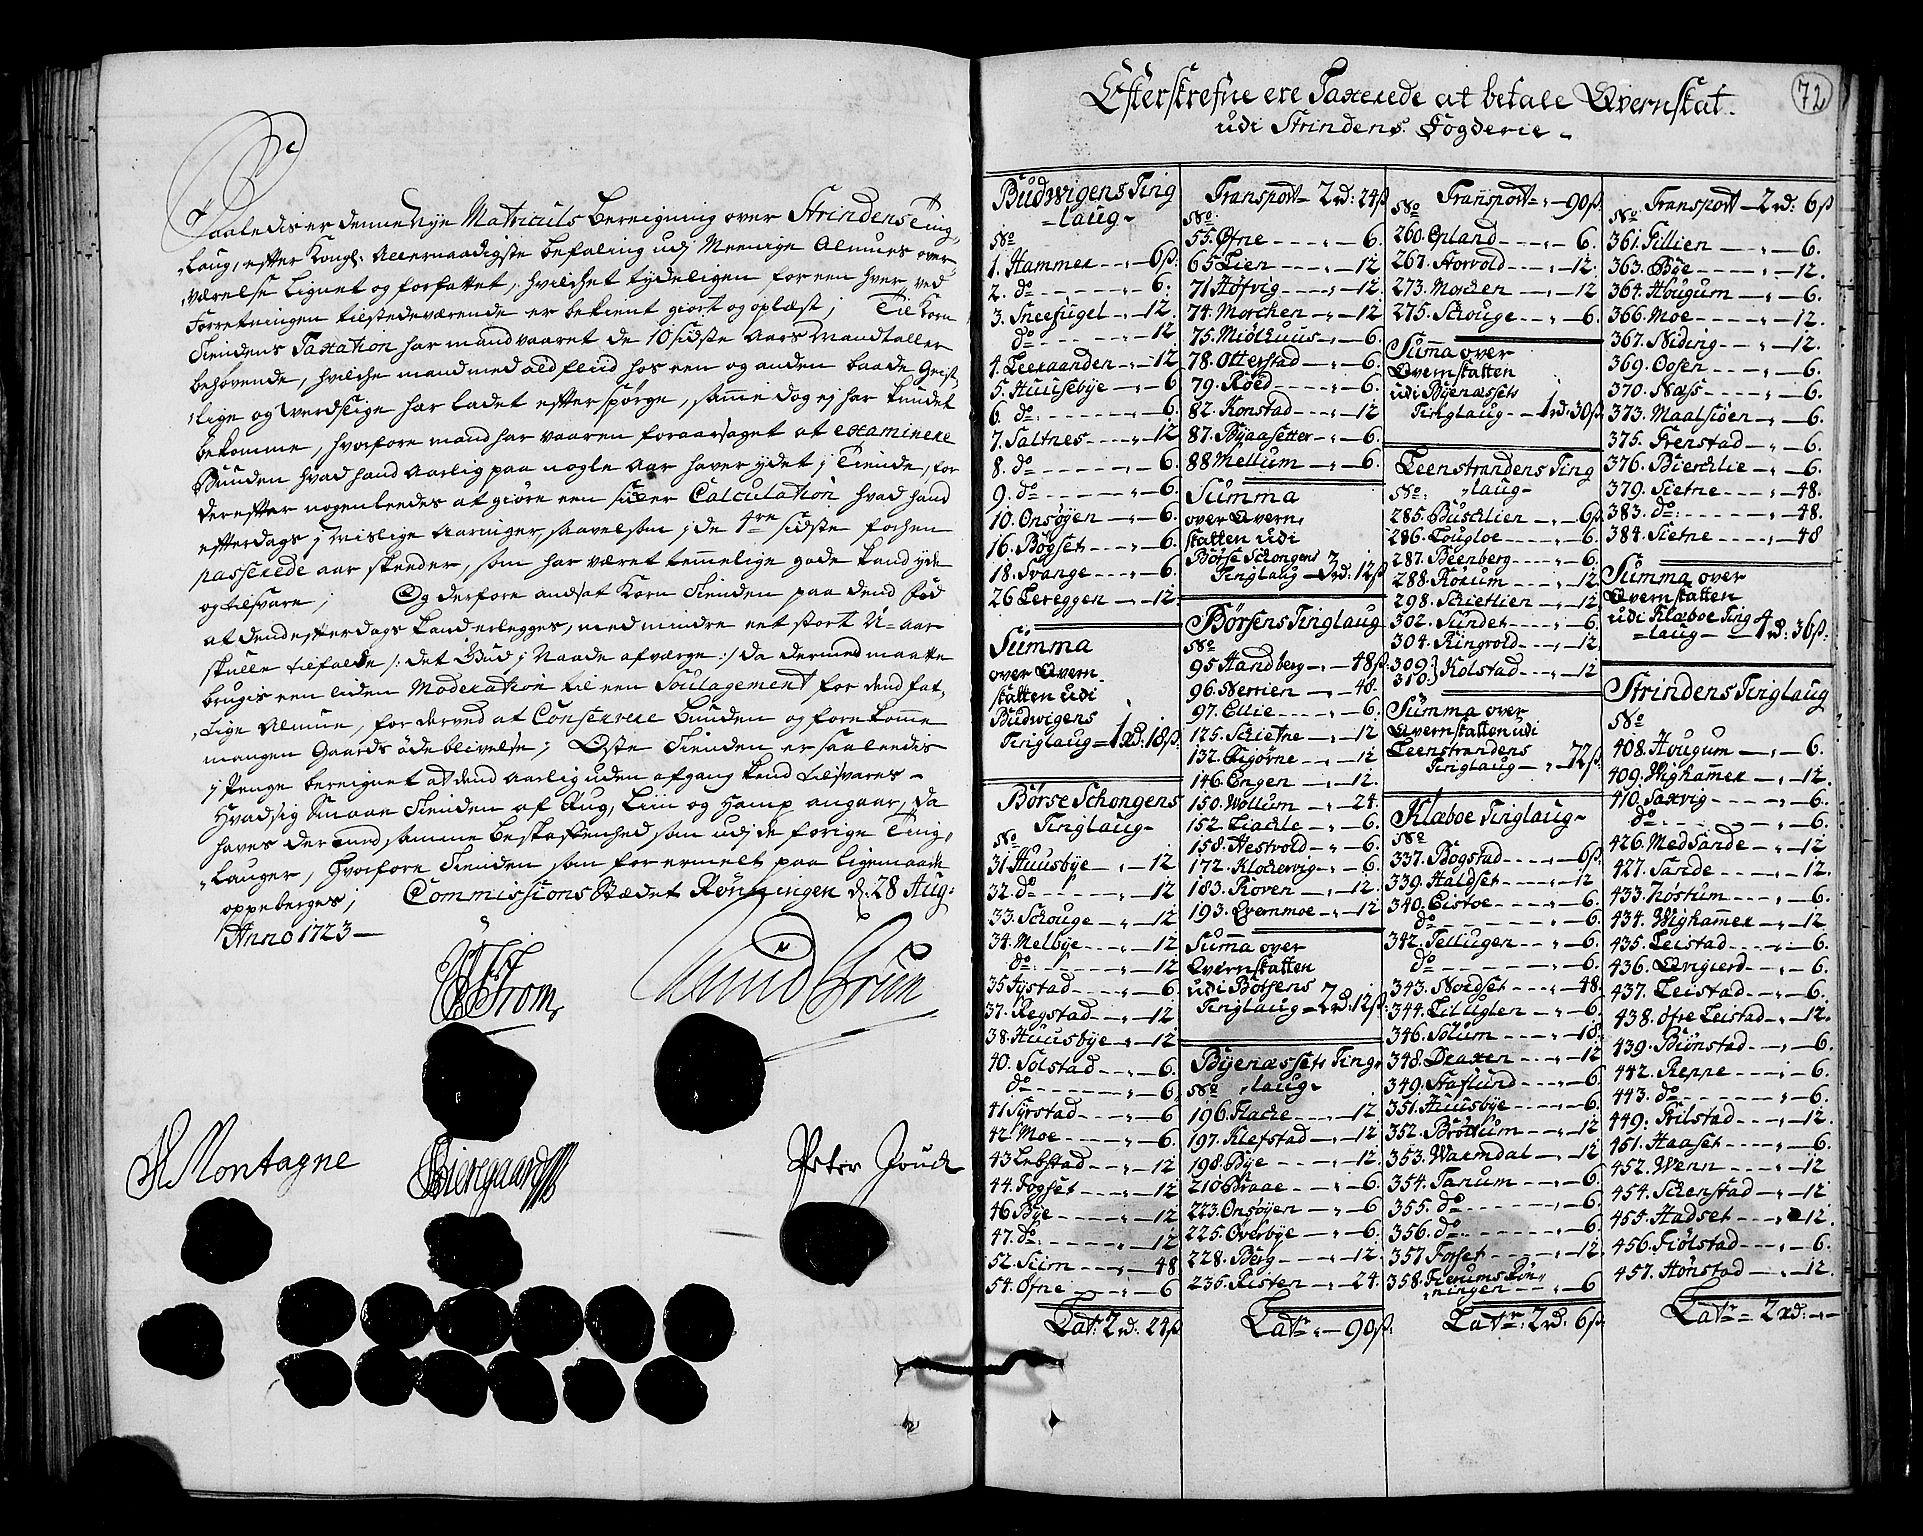 RA, Rentekammeret inntil 1814, Realistisk ordnet avdeling, N/Nb/Nbf/L0161: Strinda og Selbu matrikkelprotokoll, 1723, s. 71b-72a